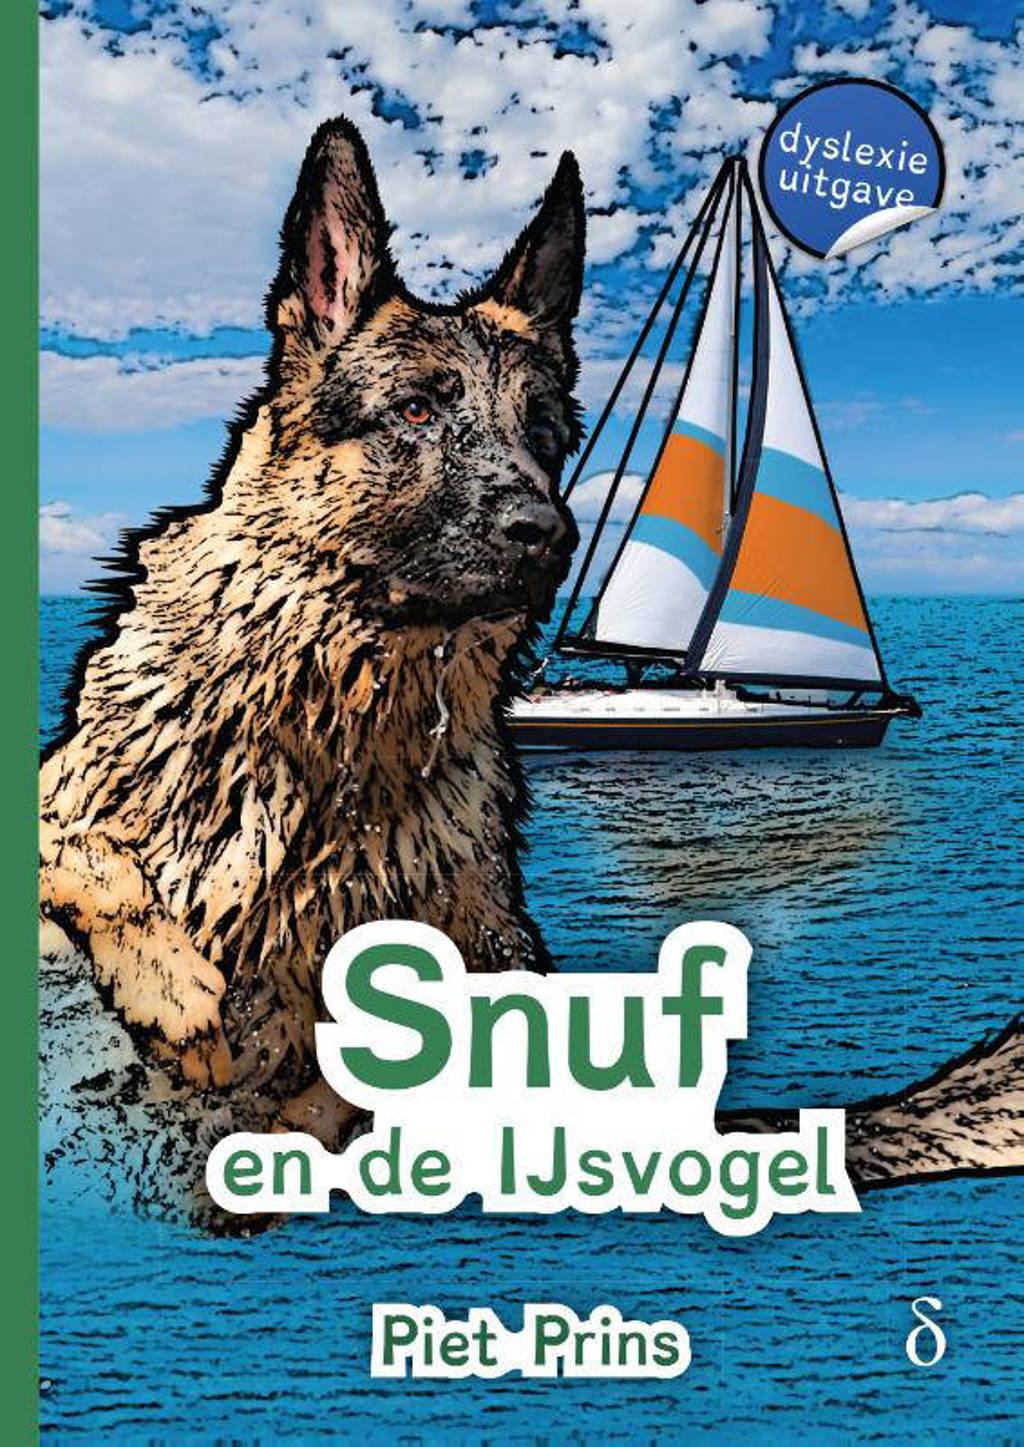 Snuf de hond: Snuf en de IJsvogel - Piet Prins